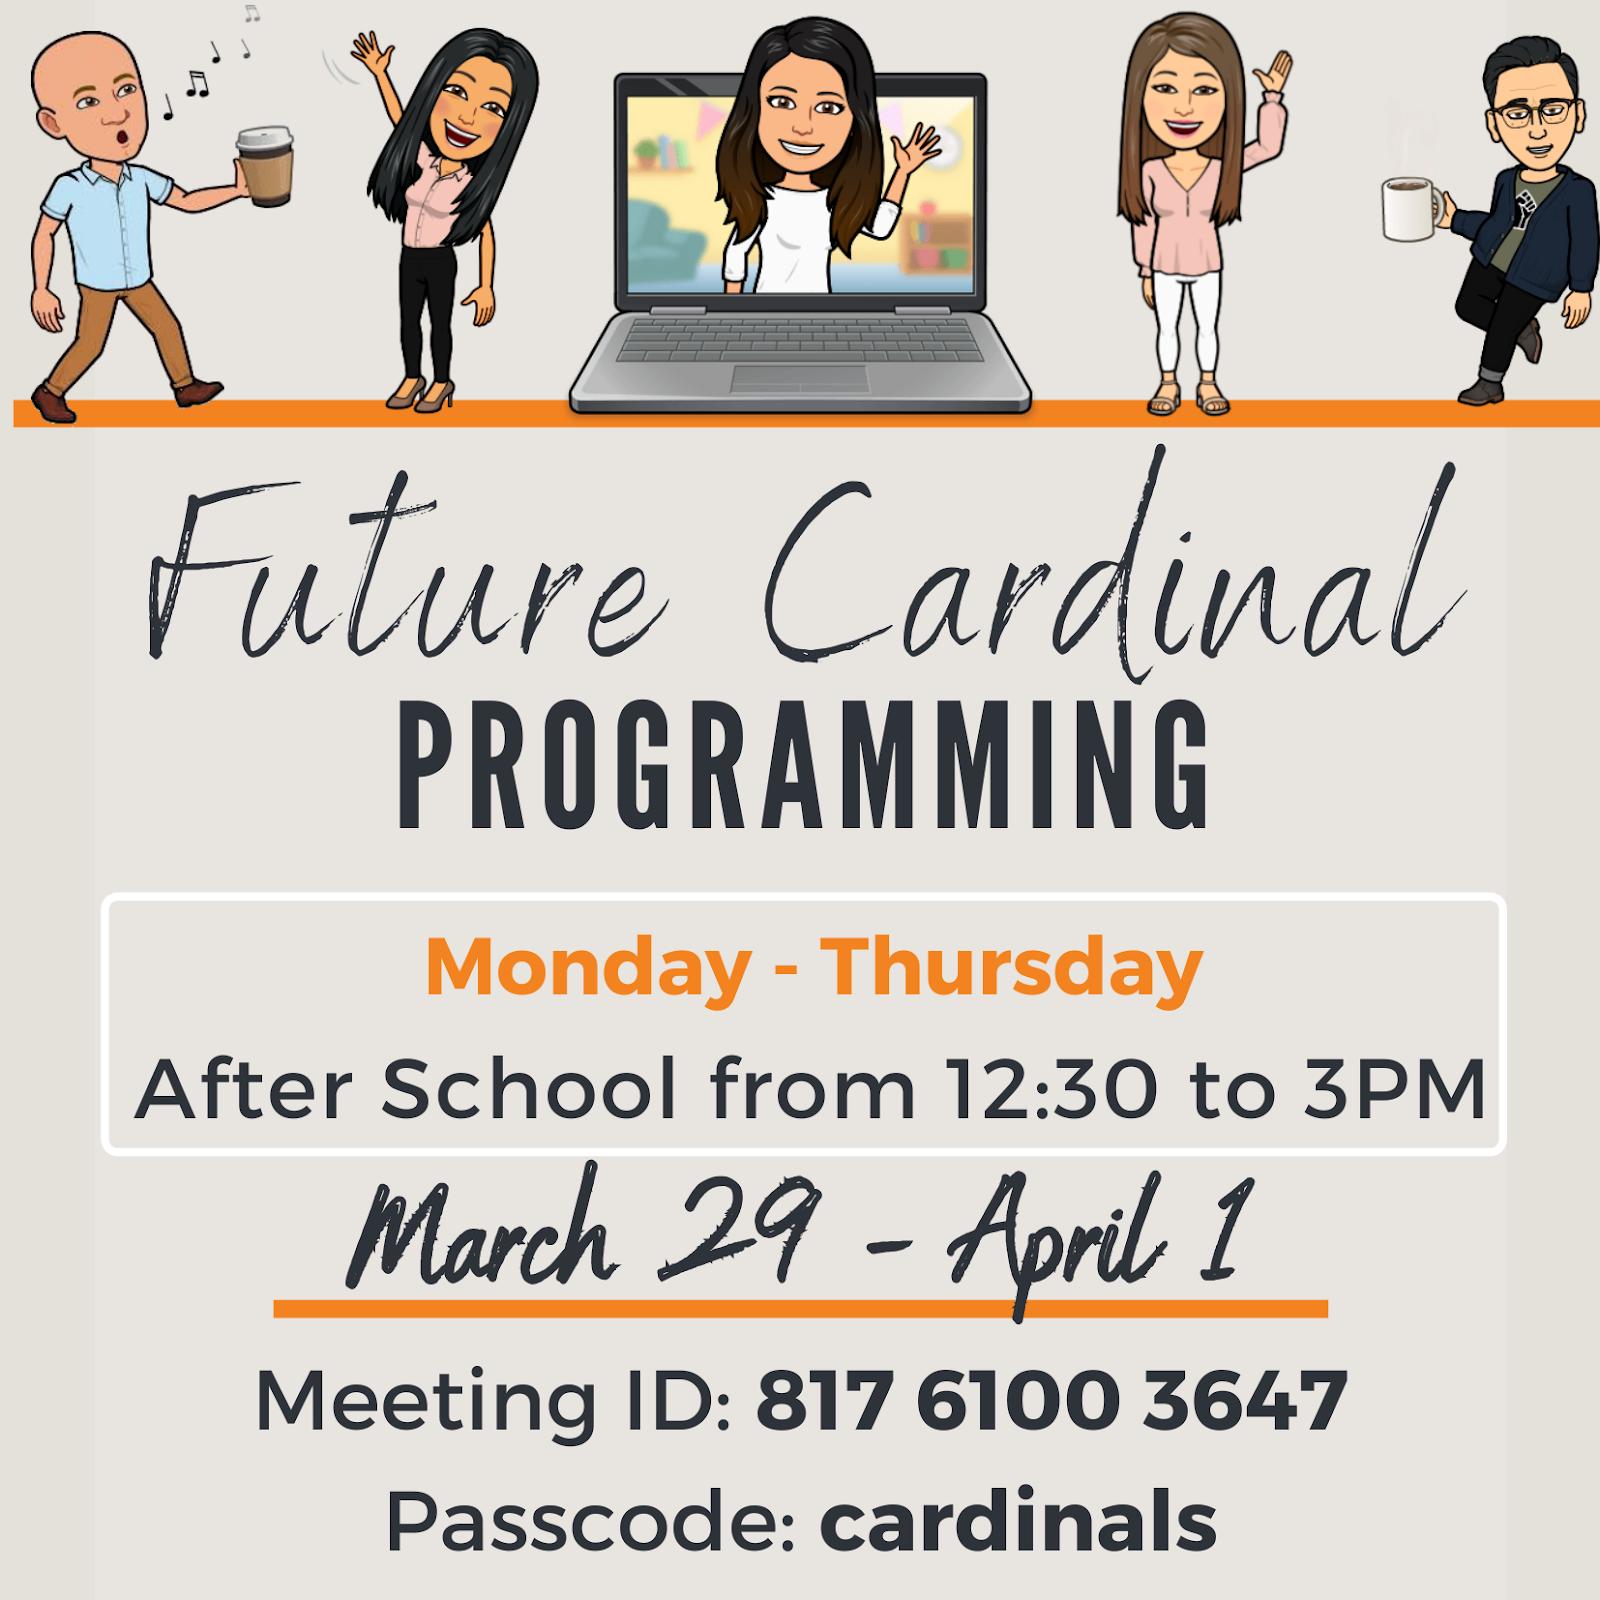 Future Cardinal